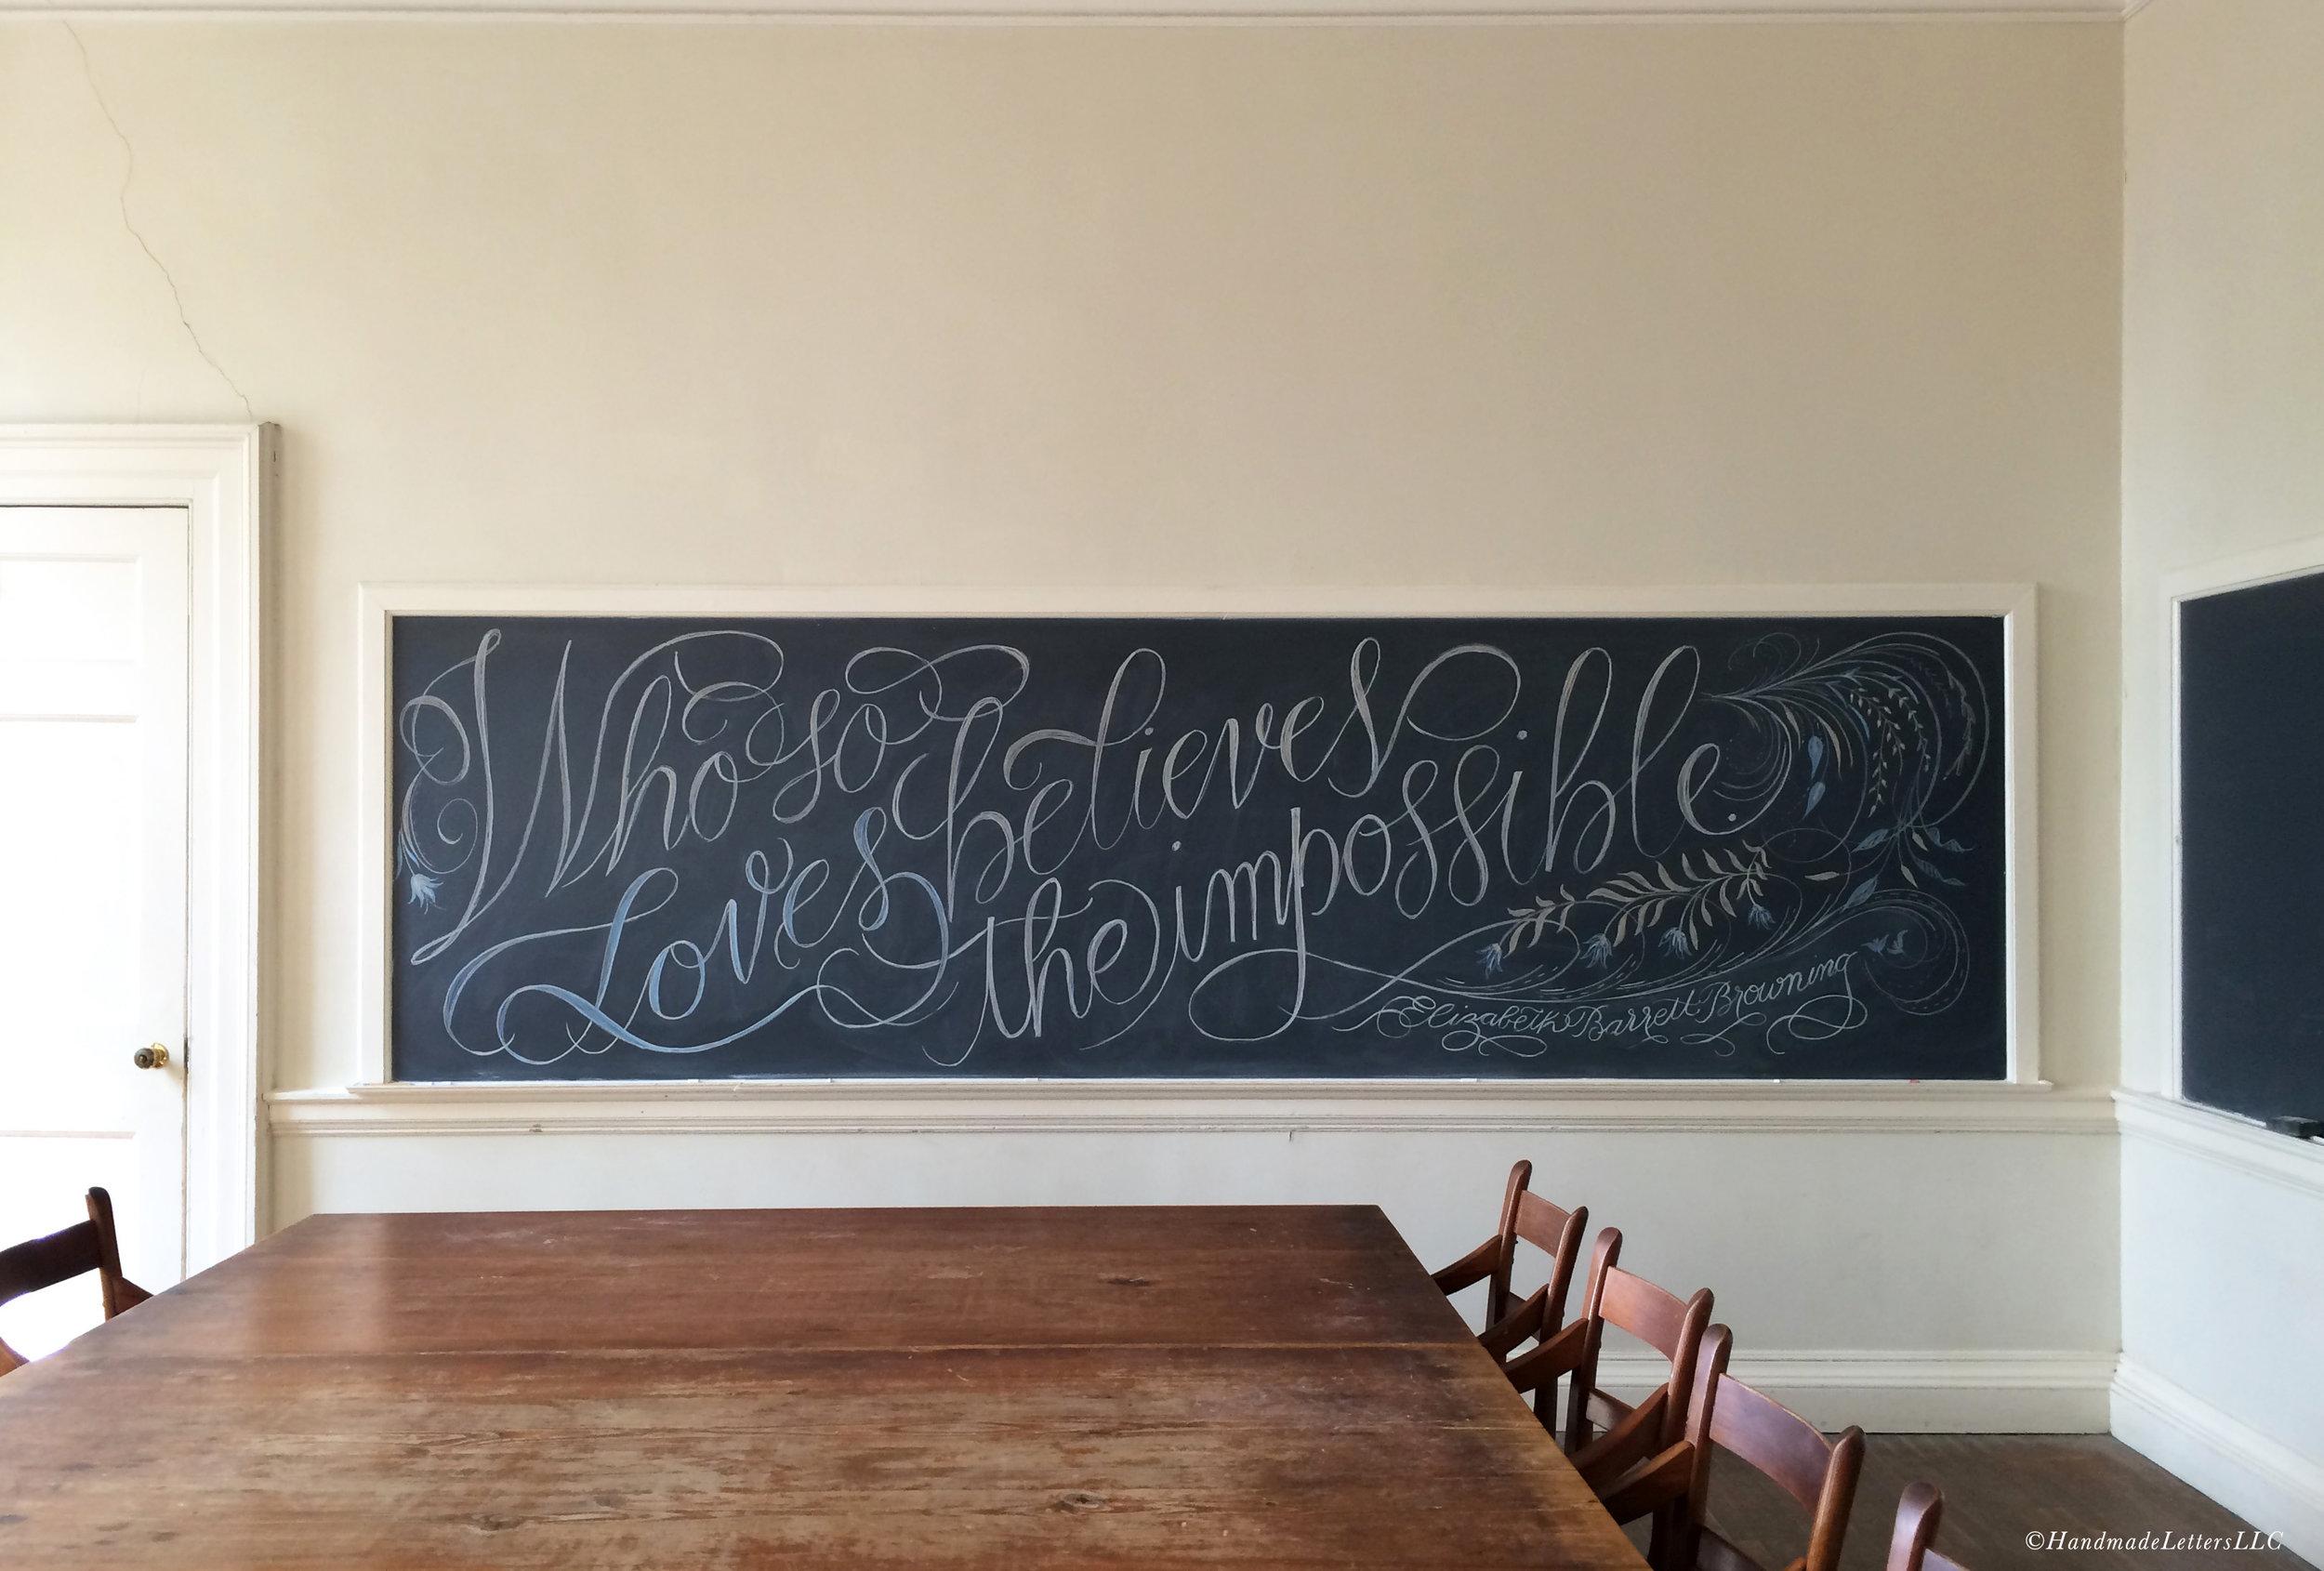 Handmade Letters - Hand-Lettered Chalkboard